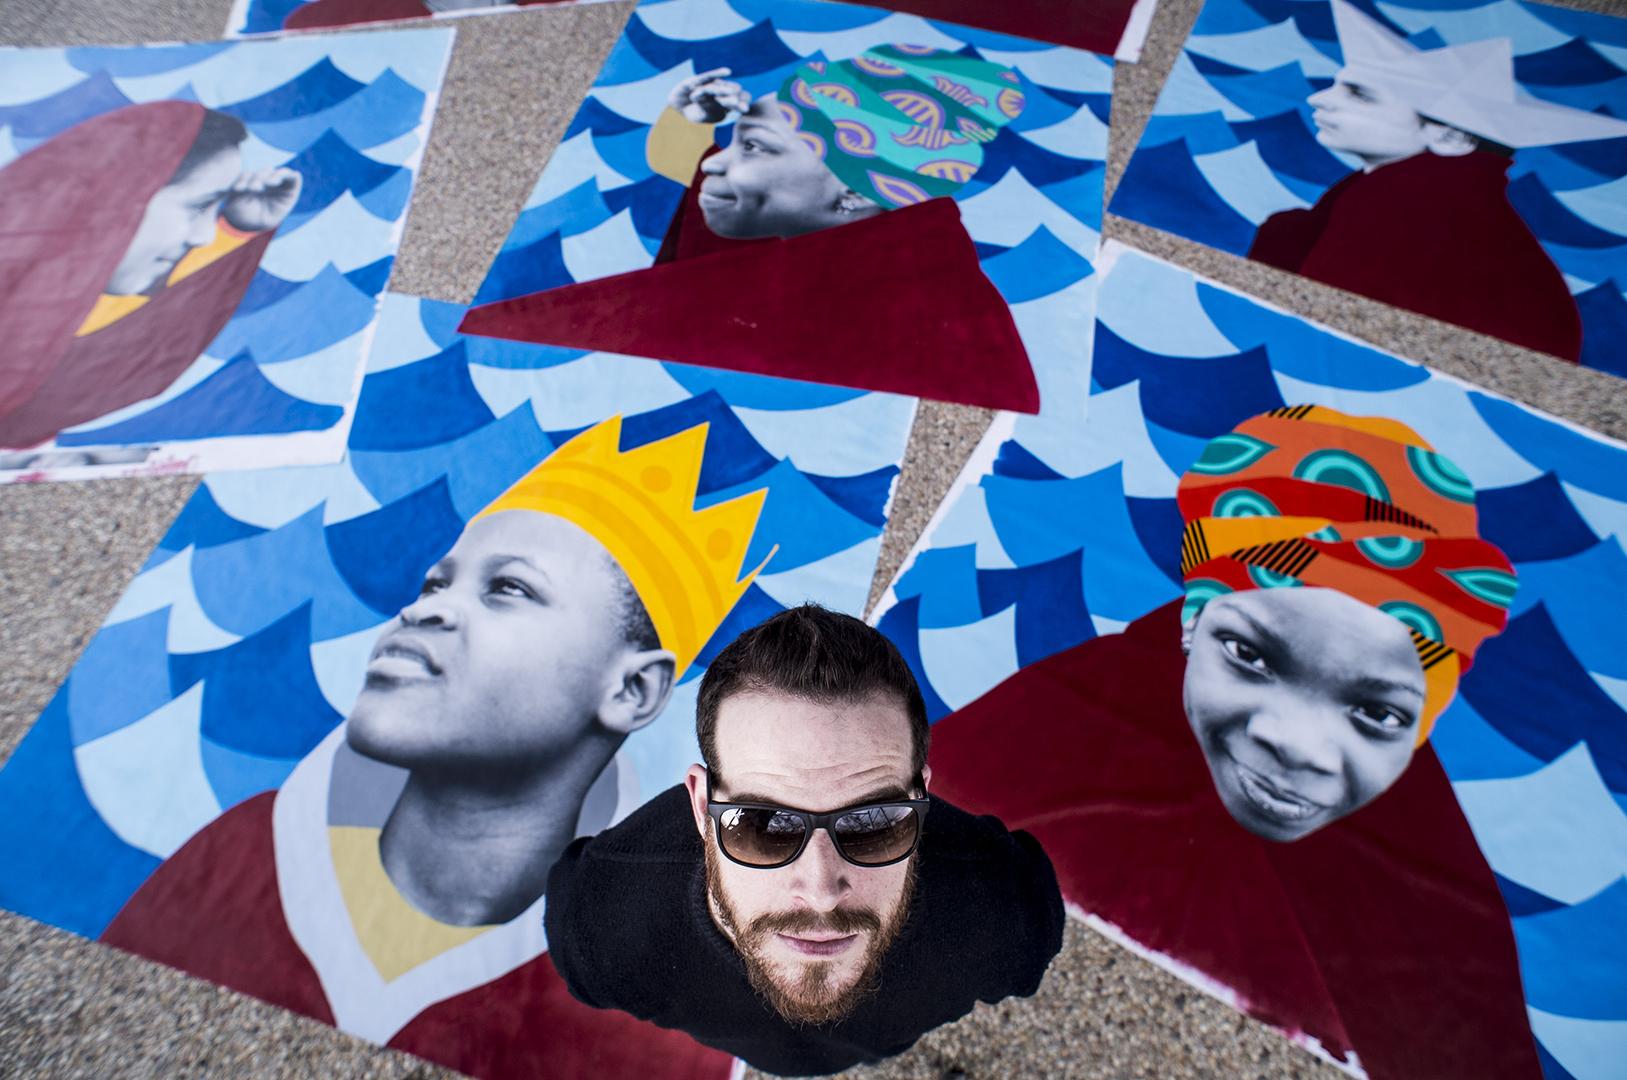 Intervista a Sibomana: proteggere le persone, non i confini